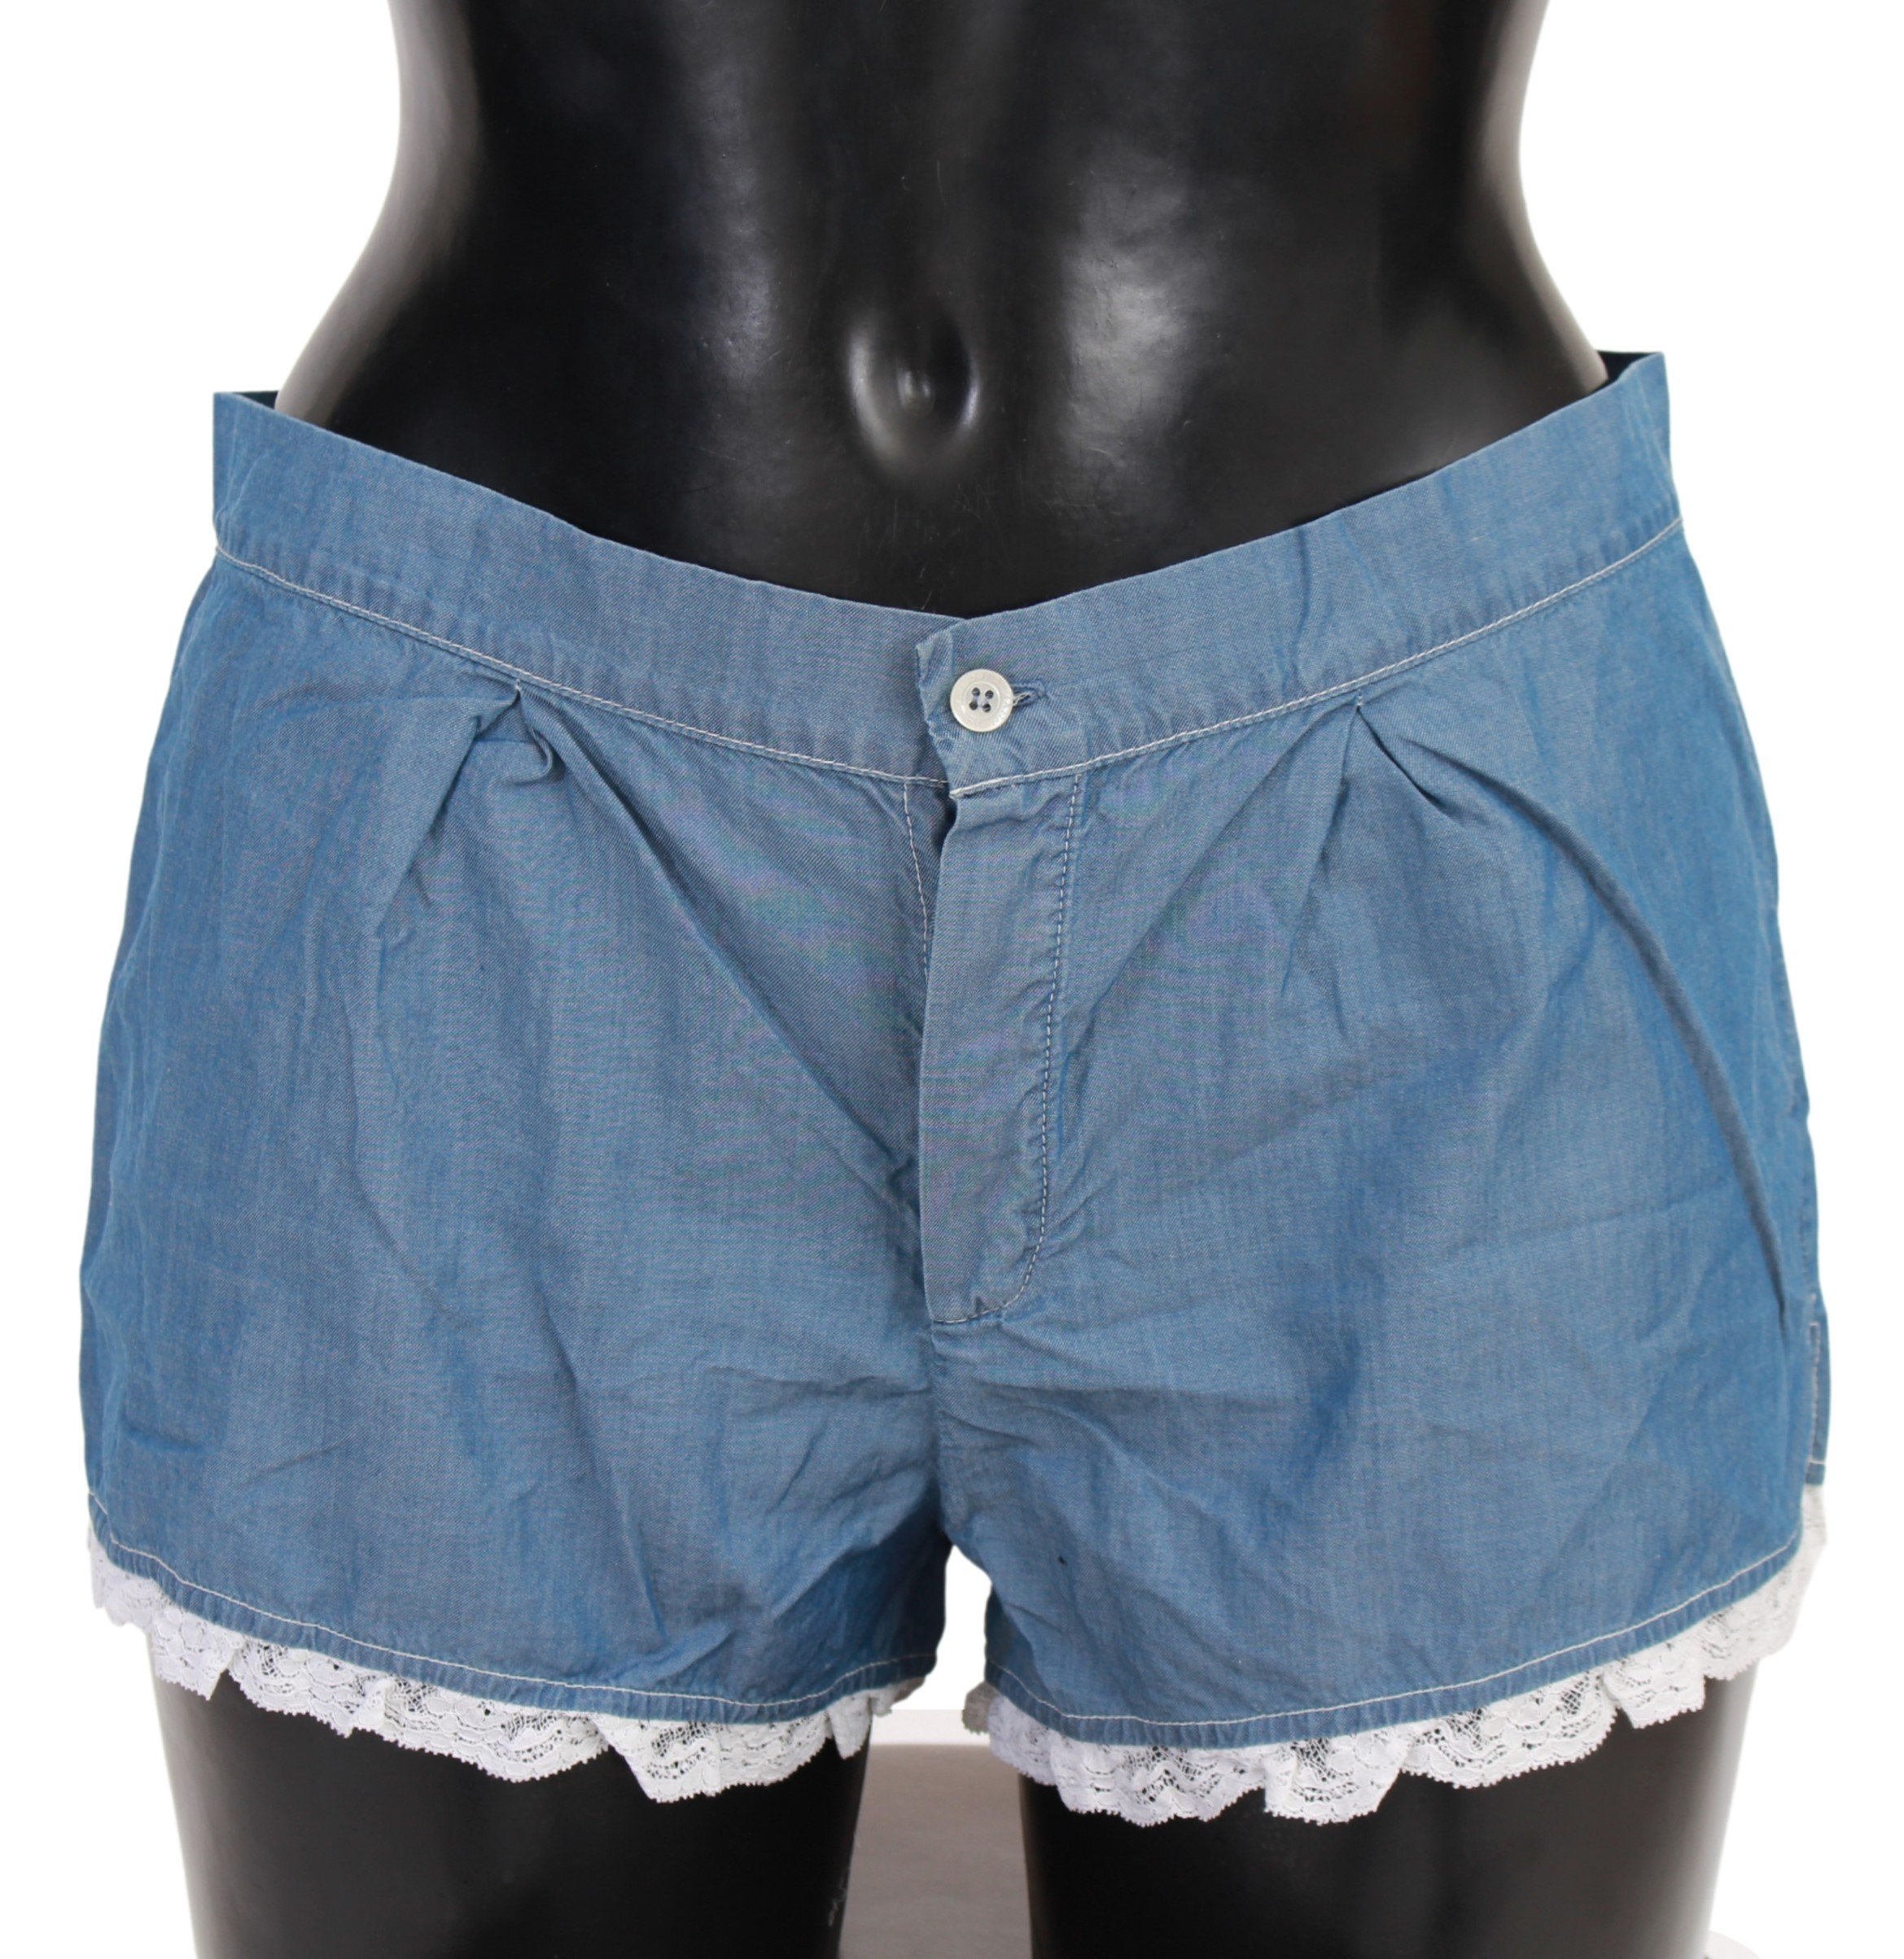 Ermanno Scervino Women's Cotton Denim Blue Lace Shorts Underwear - IT2   S